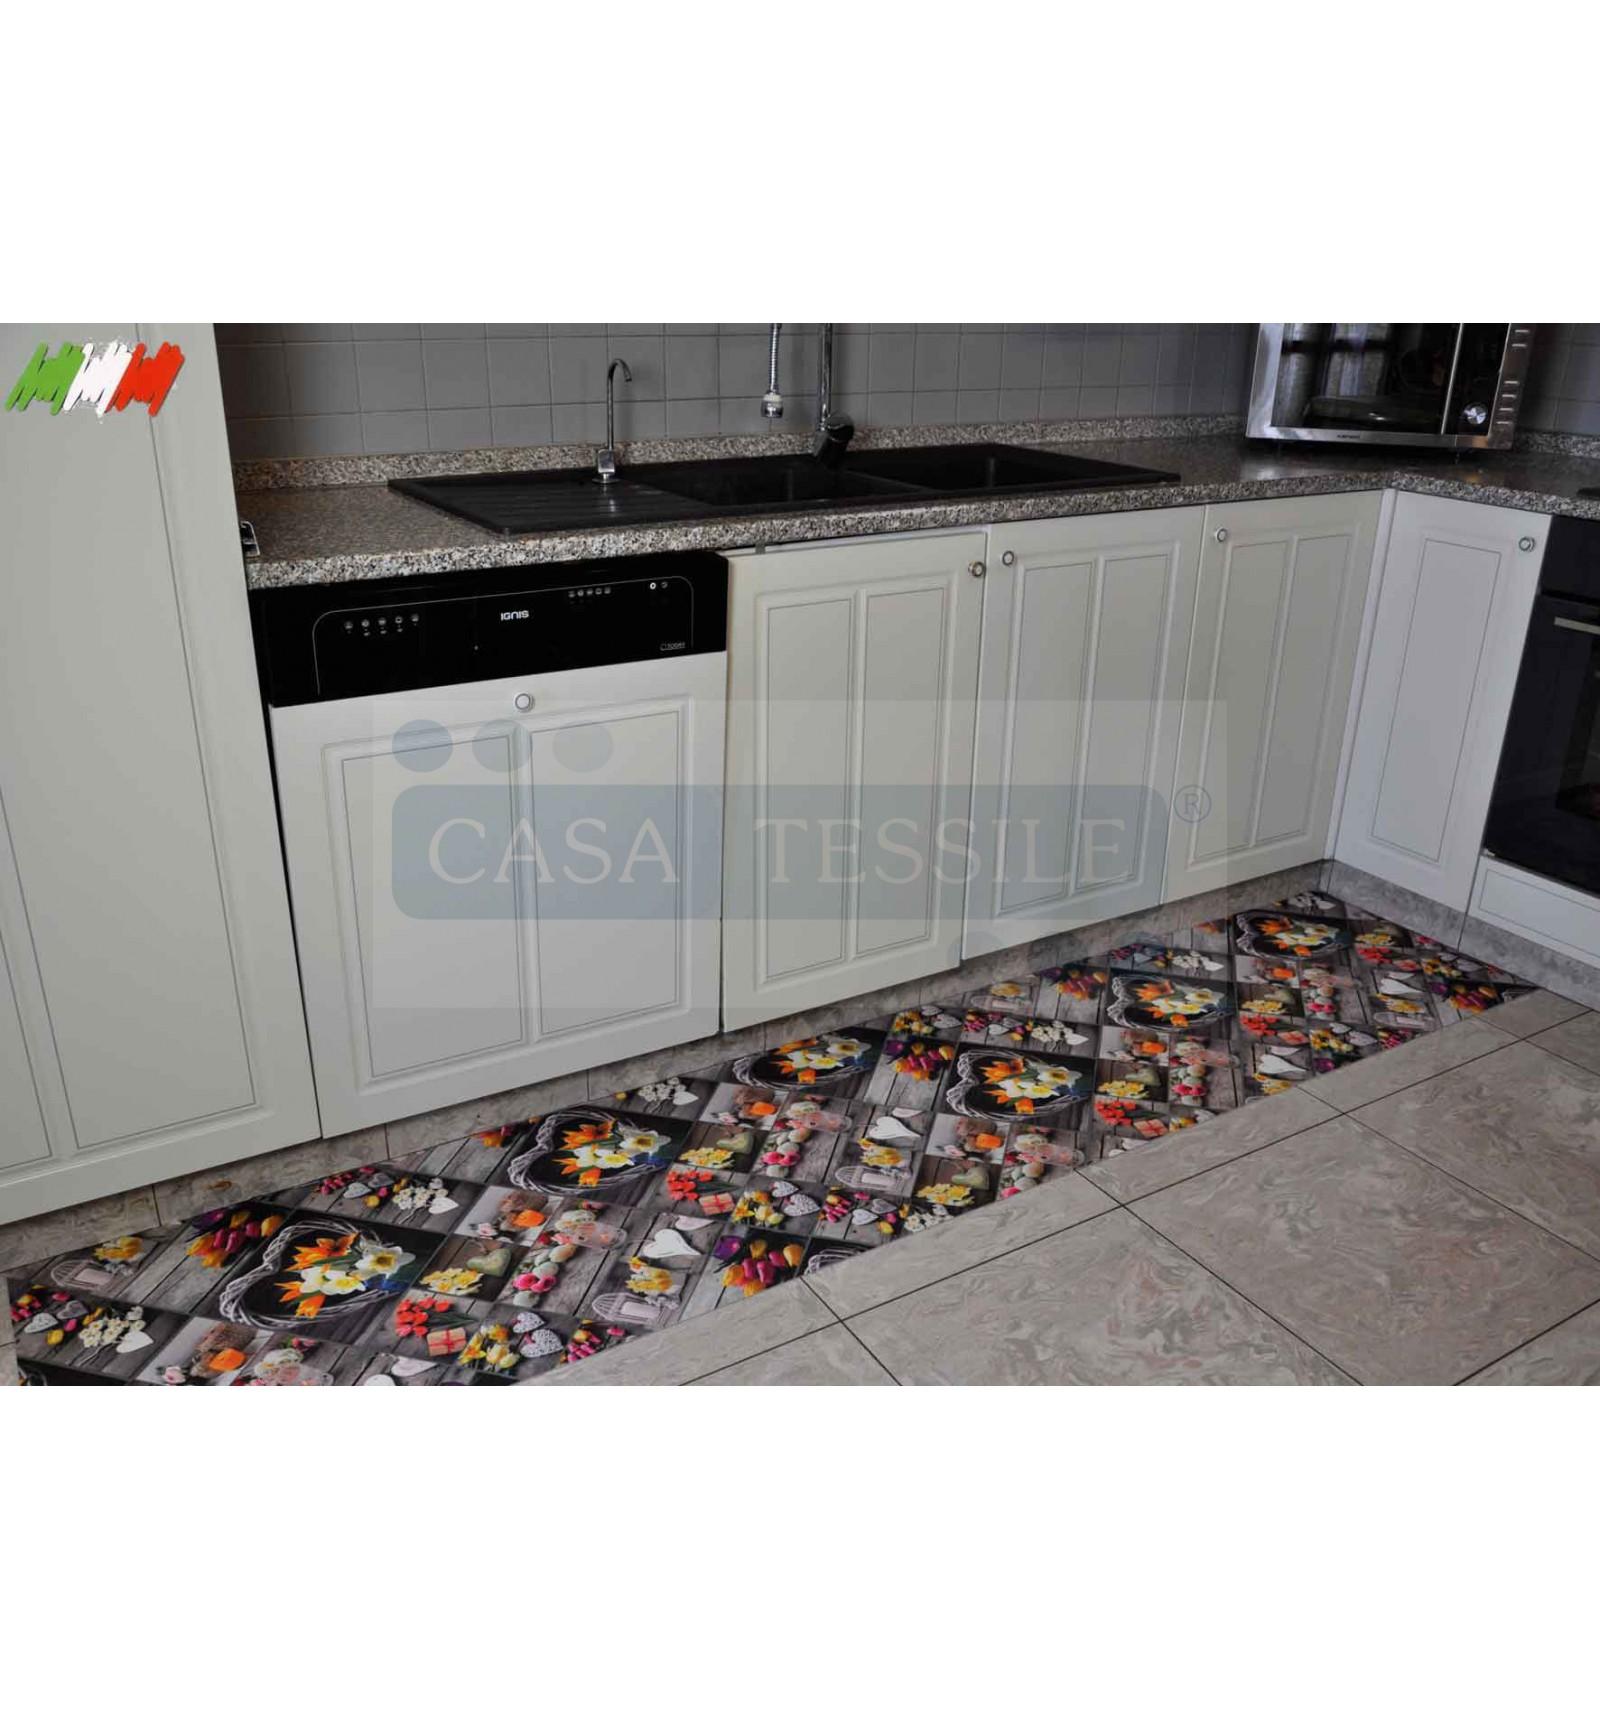 Full Size of Teppich Küche Beige Teppich Küche Pinterest Outdoor Teppich Küche Teppich Küche Sinnvoll Küche Teppich Küche